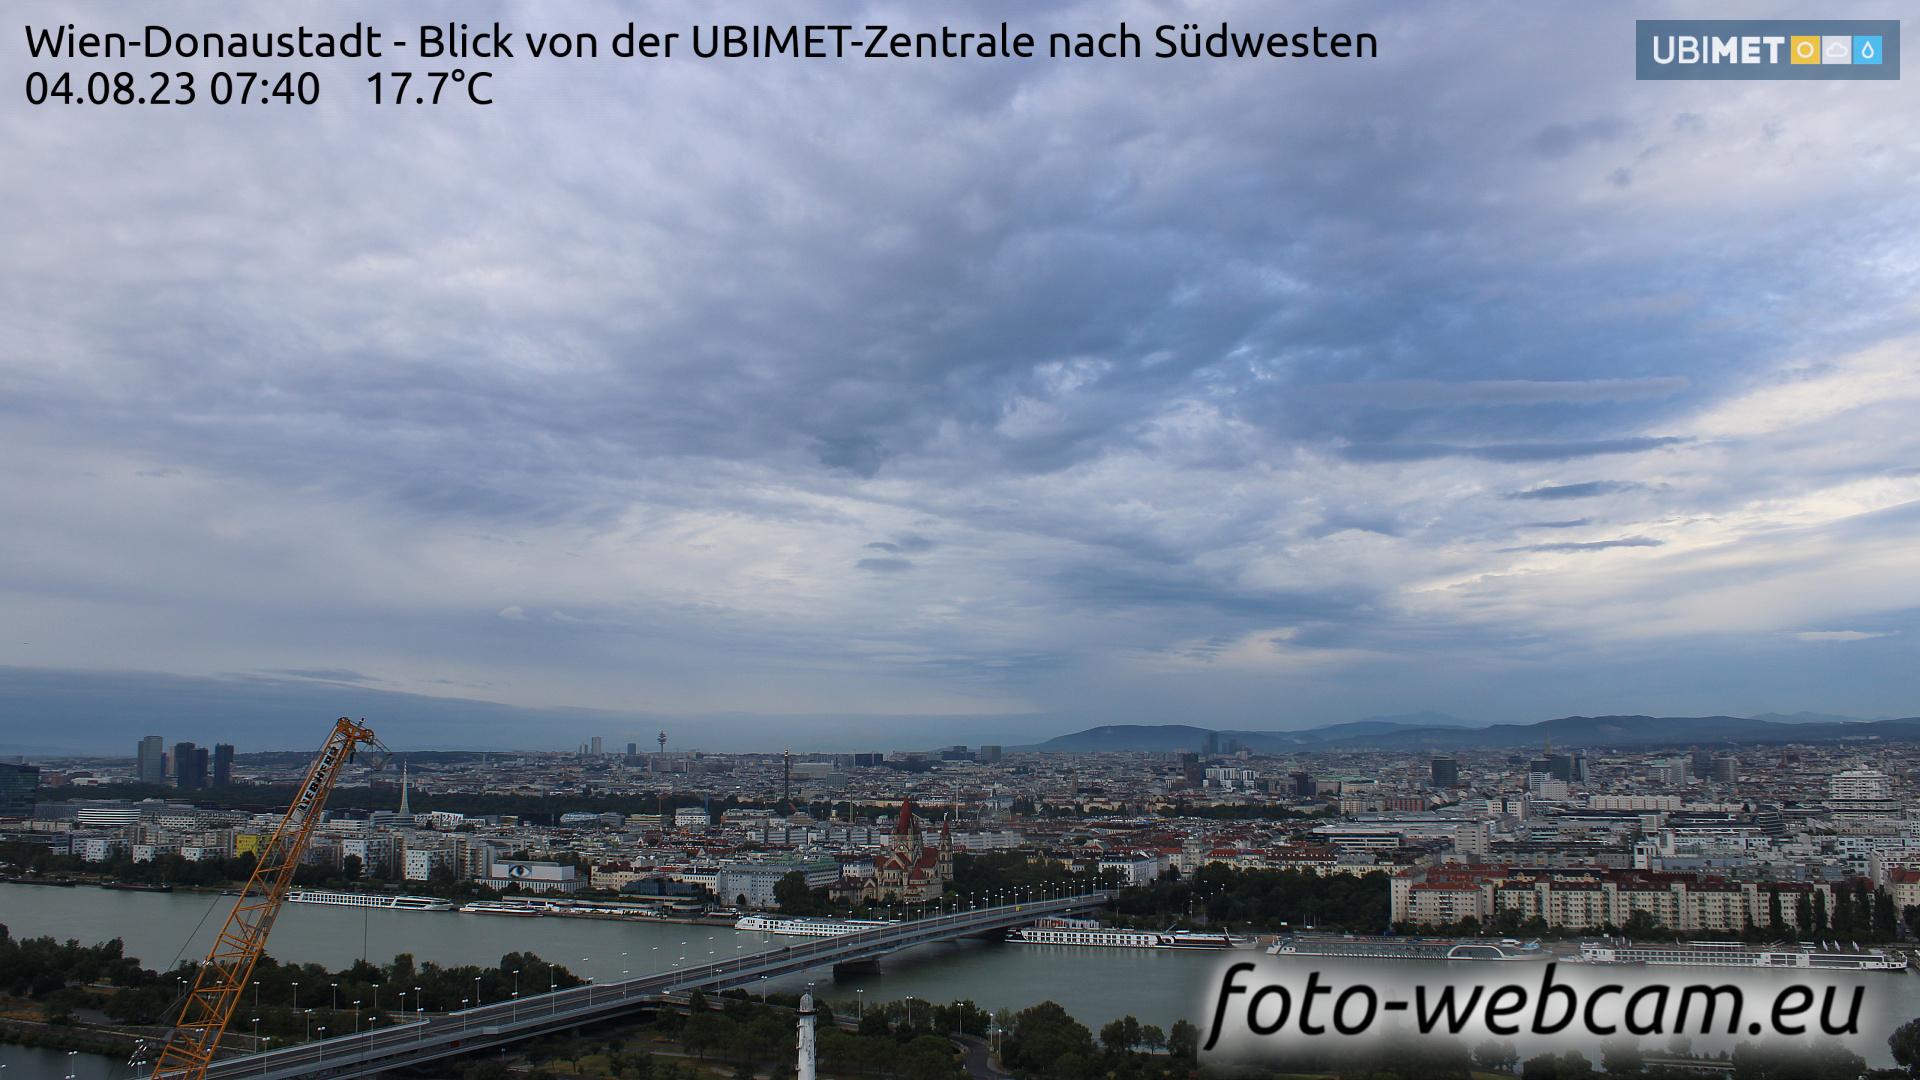 Vienna Wed. 07:46